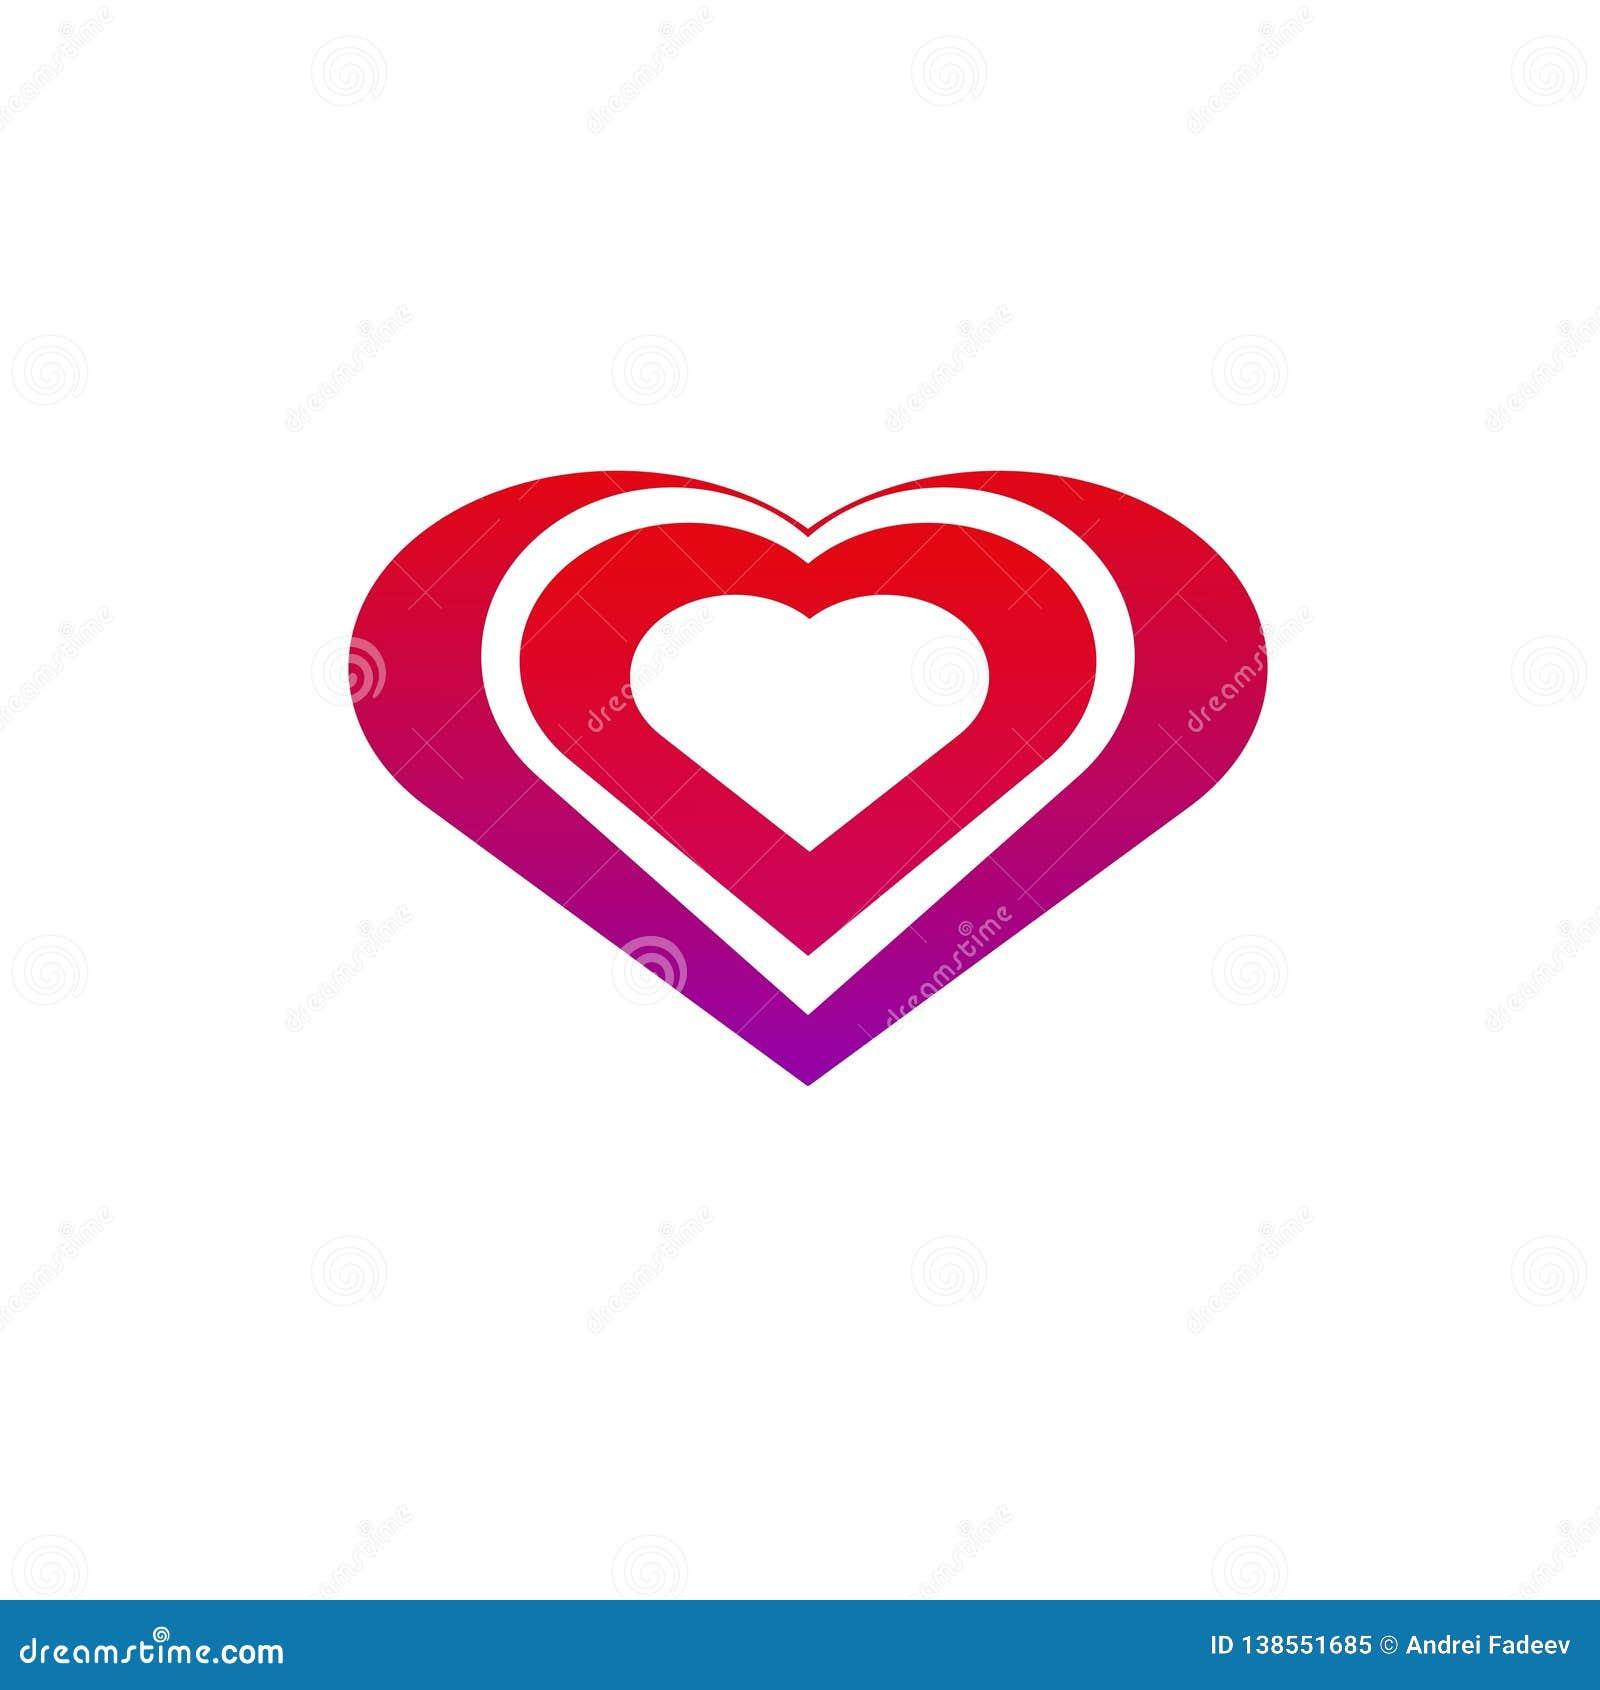 Herz für Liebe mit einer schönen Farbe